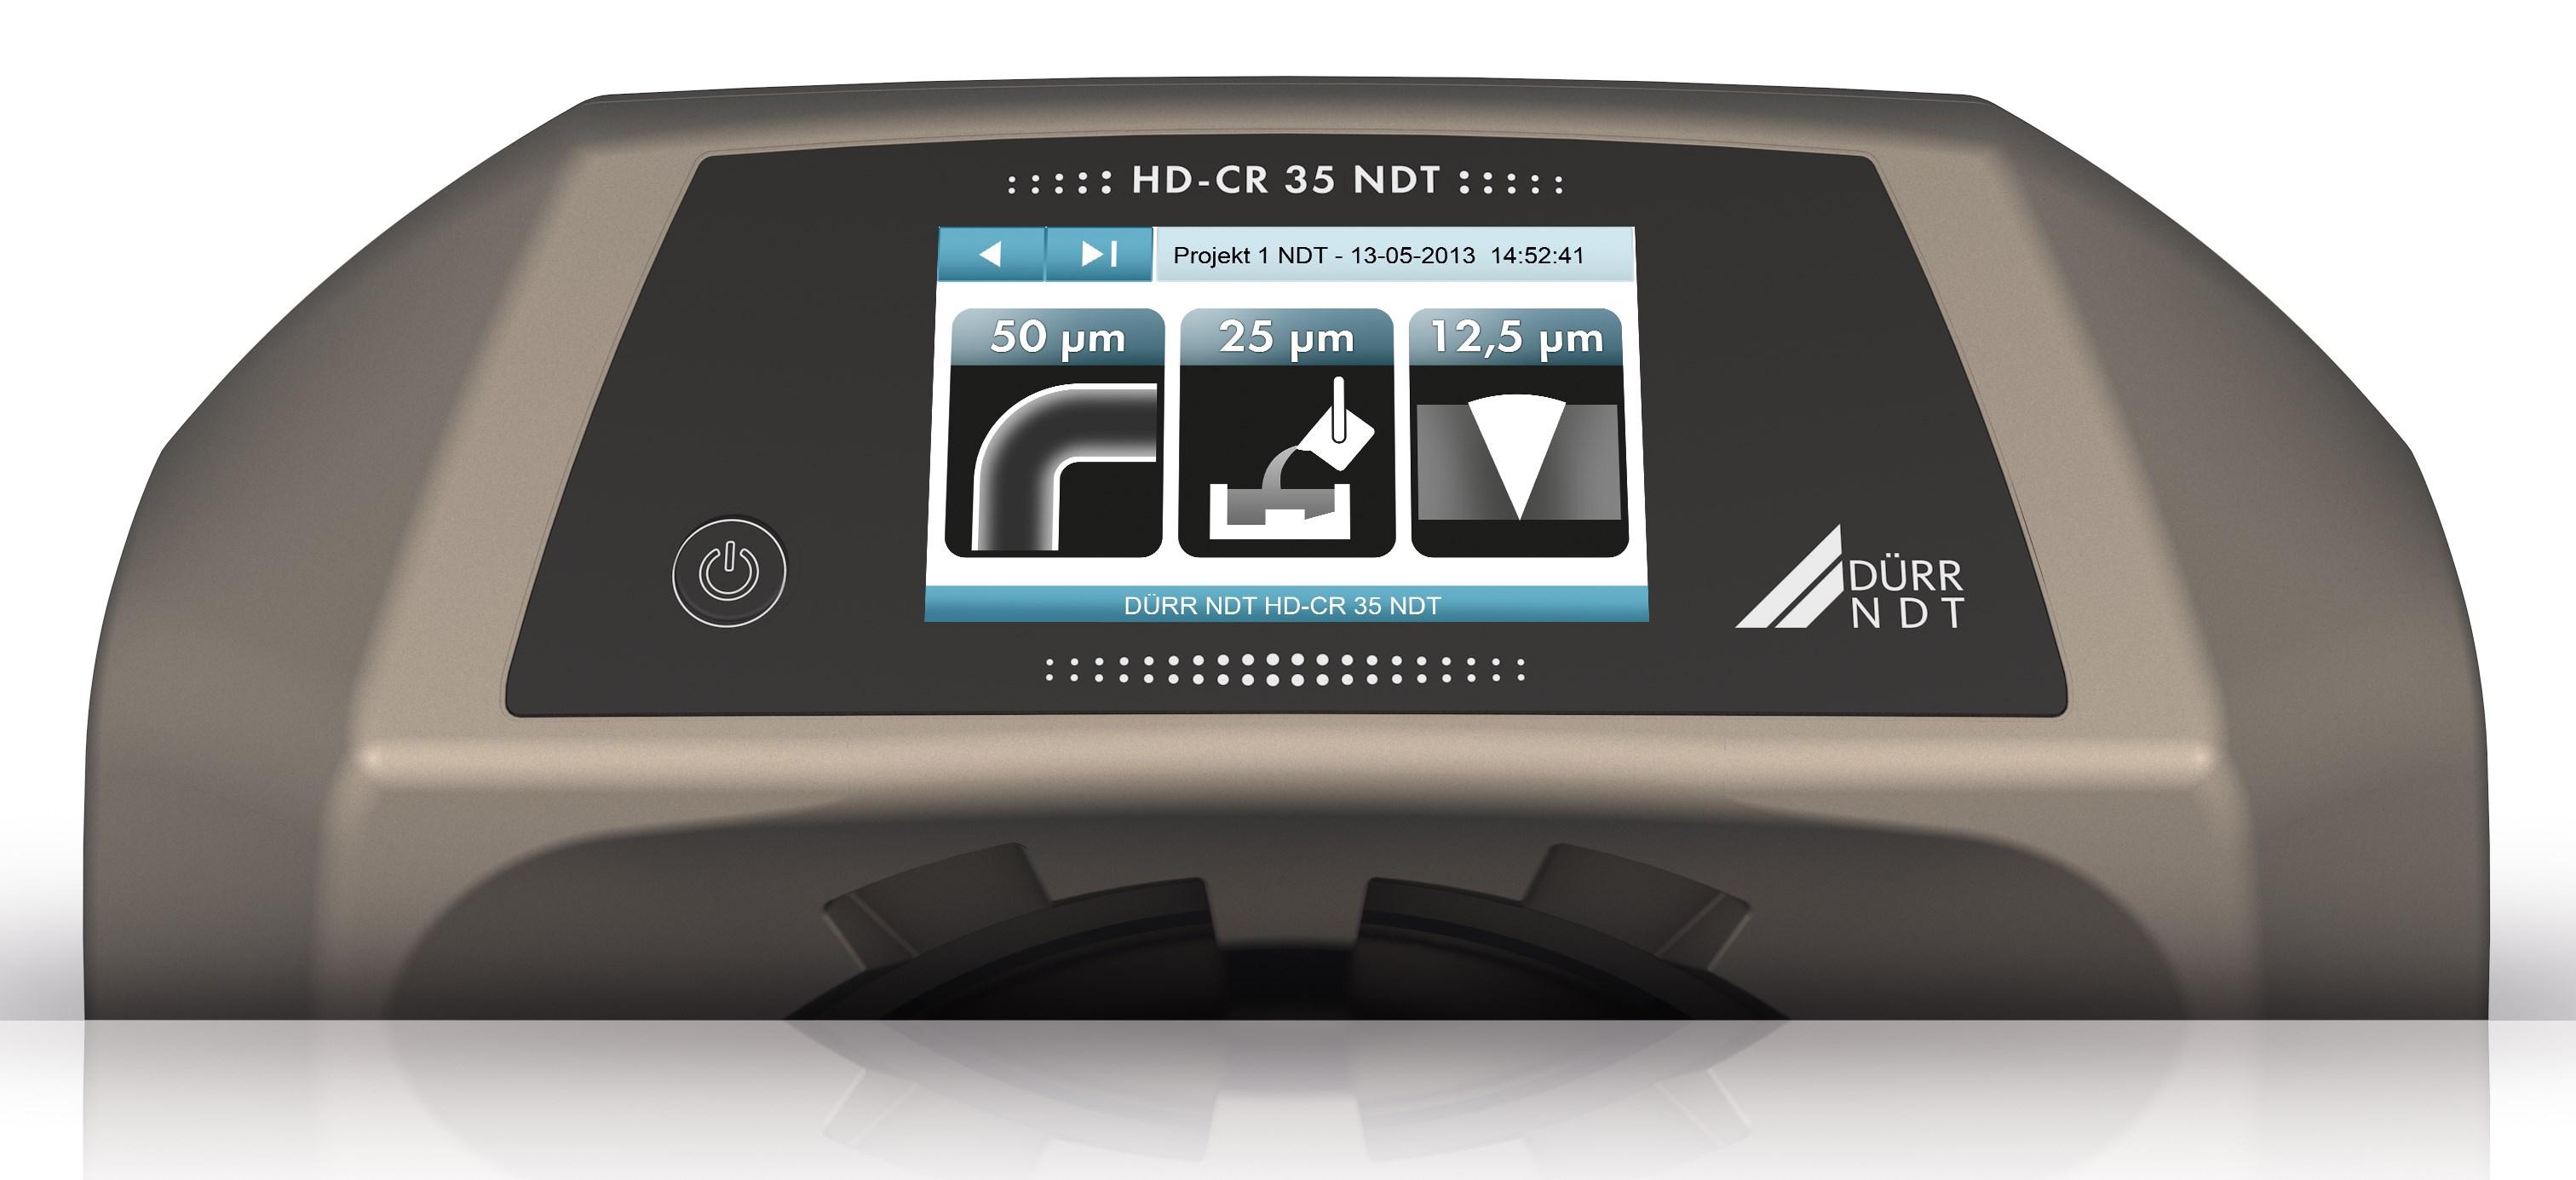 HD-CR 35 NDT Slovcert